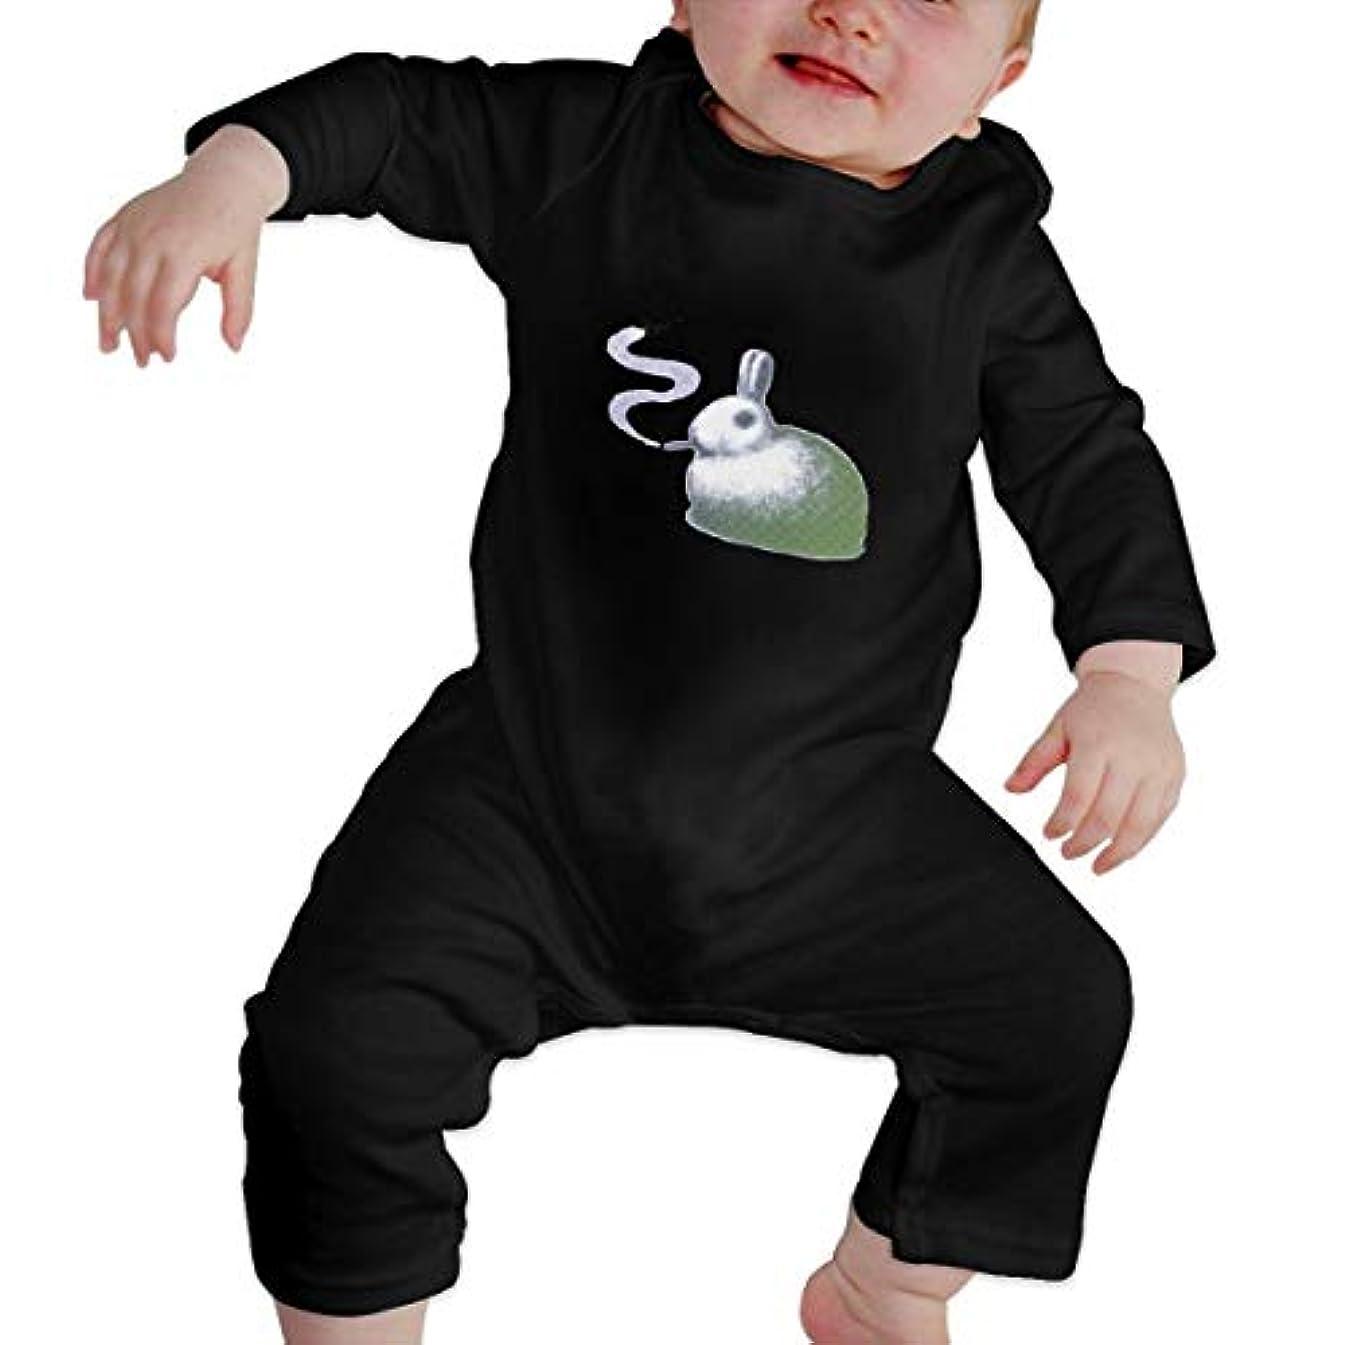 ブラストラリーブロッサム喫煙のウサギ 女の赤ちゃん女の赤ちゃん長袖ジャンプスーツコットンプリントラウンドネックソフト通気性ジャンプスーツ底入れ